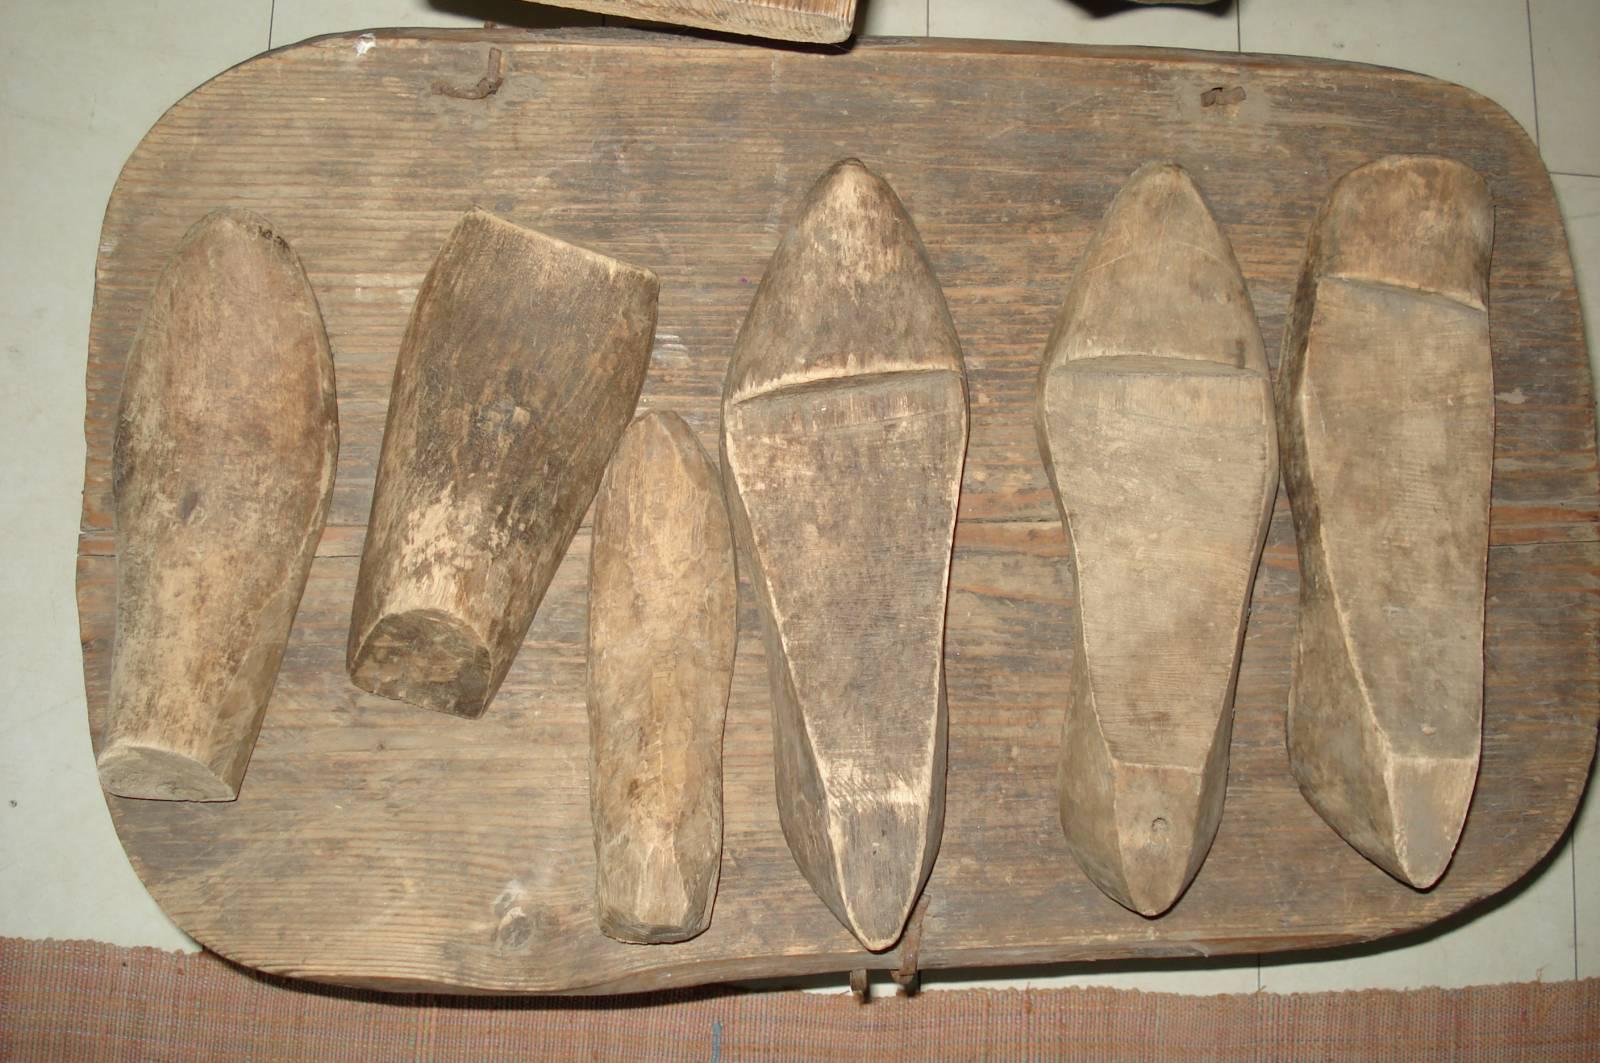 Колодки сапоги своими руками